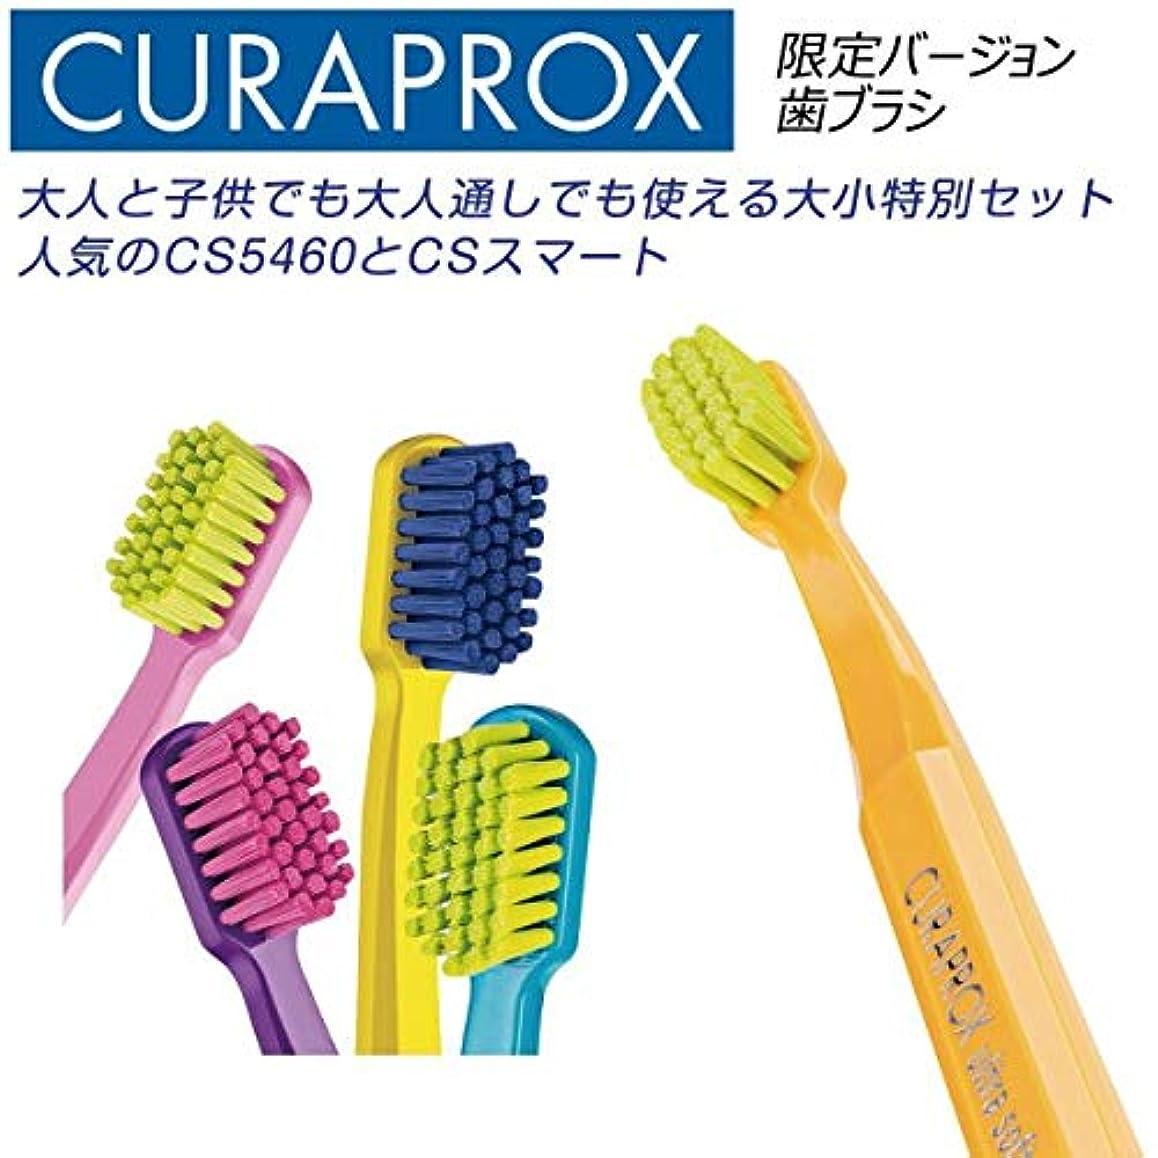 変動するベーコンブロッククラプロックス 歯ブラシ CS5460 ファミリーエディション